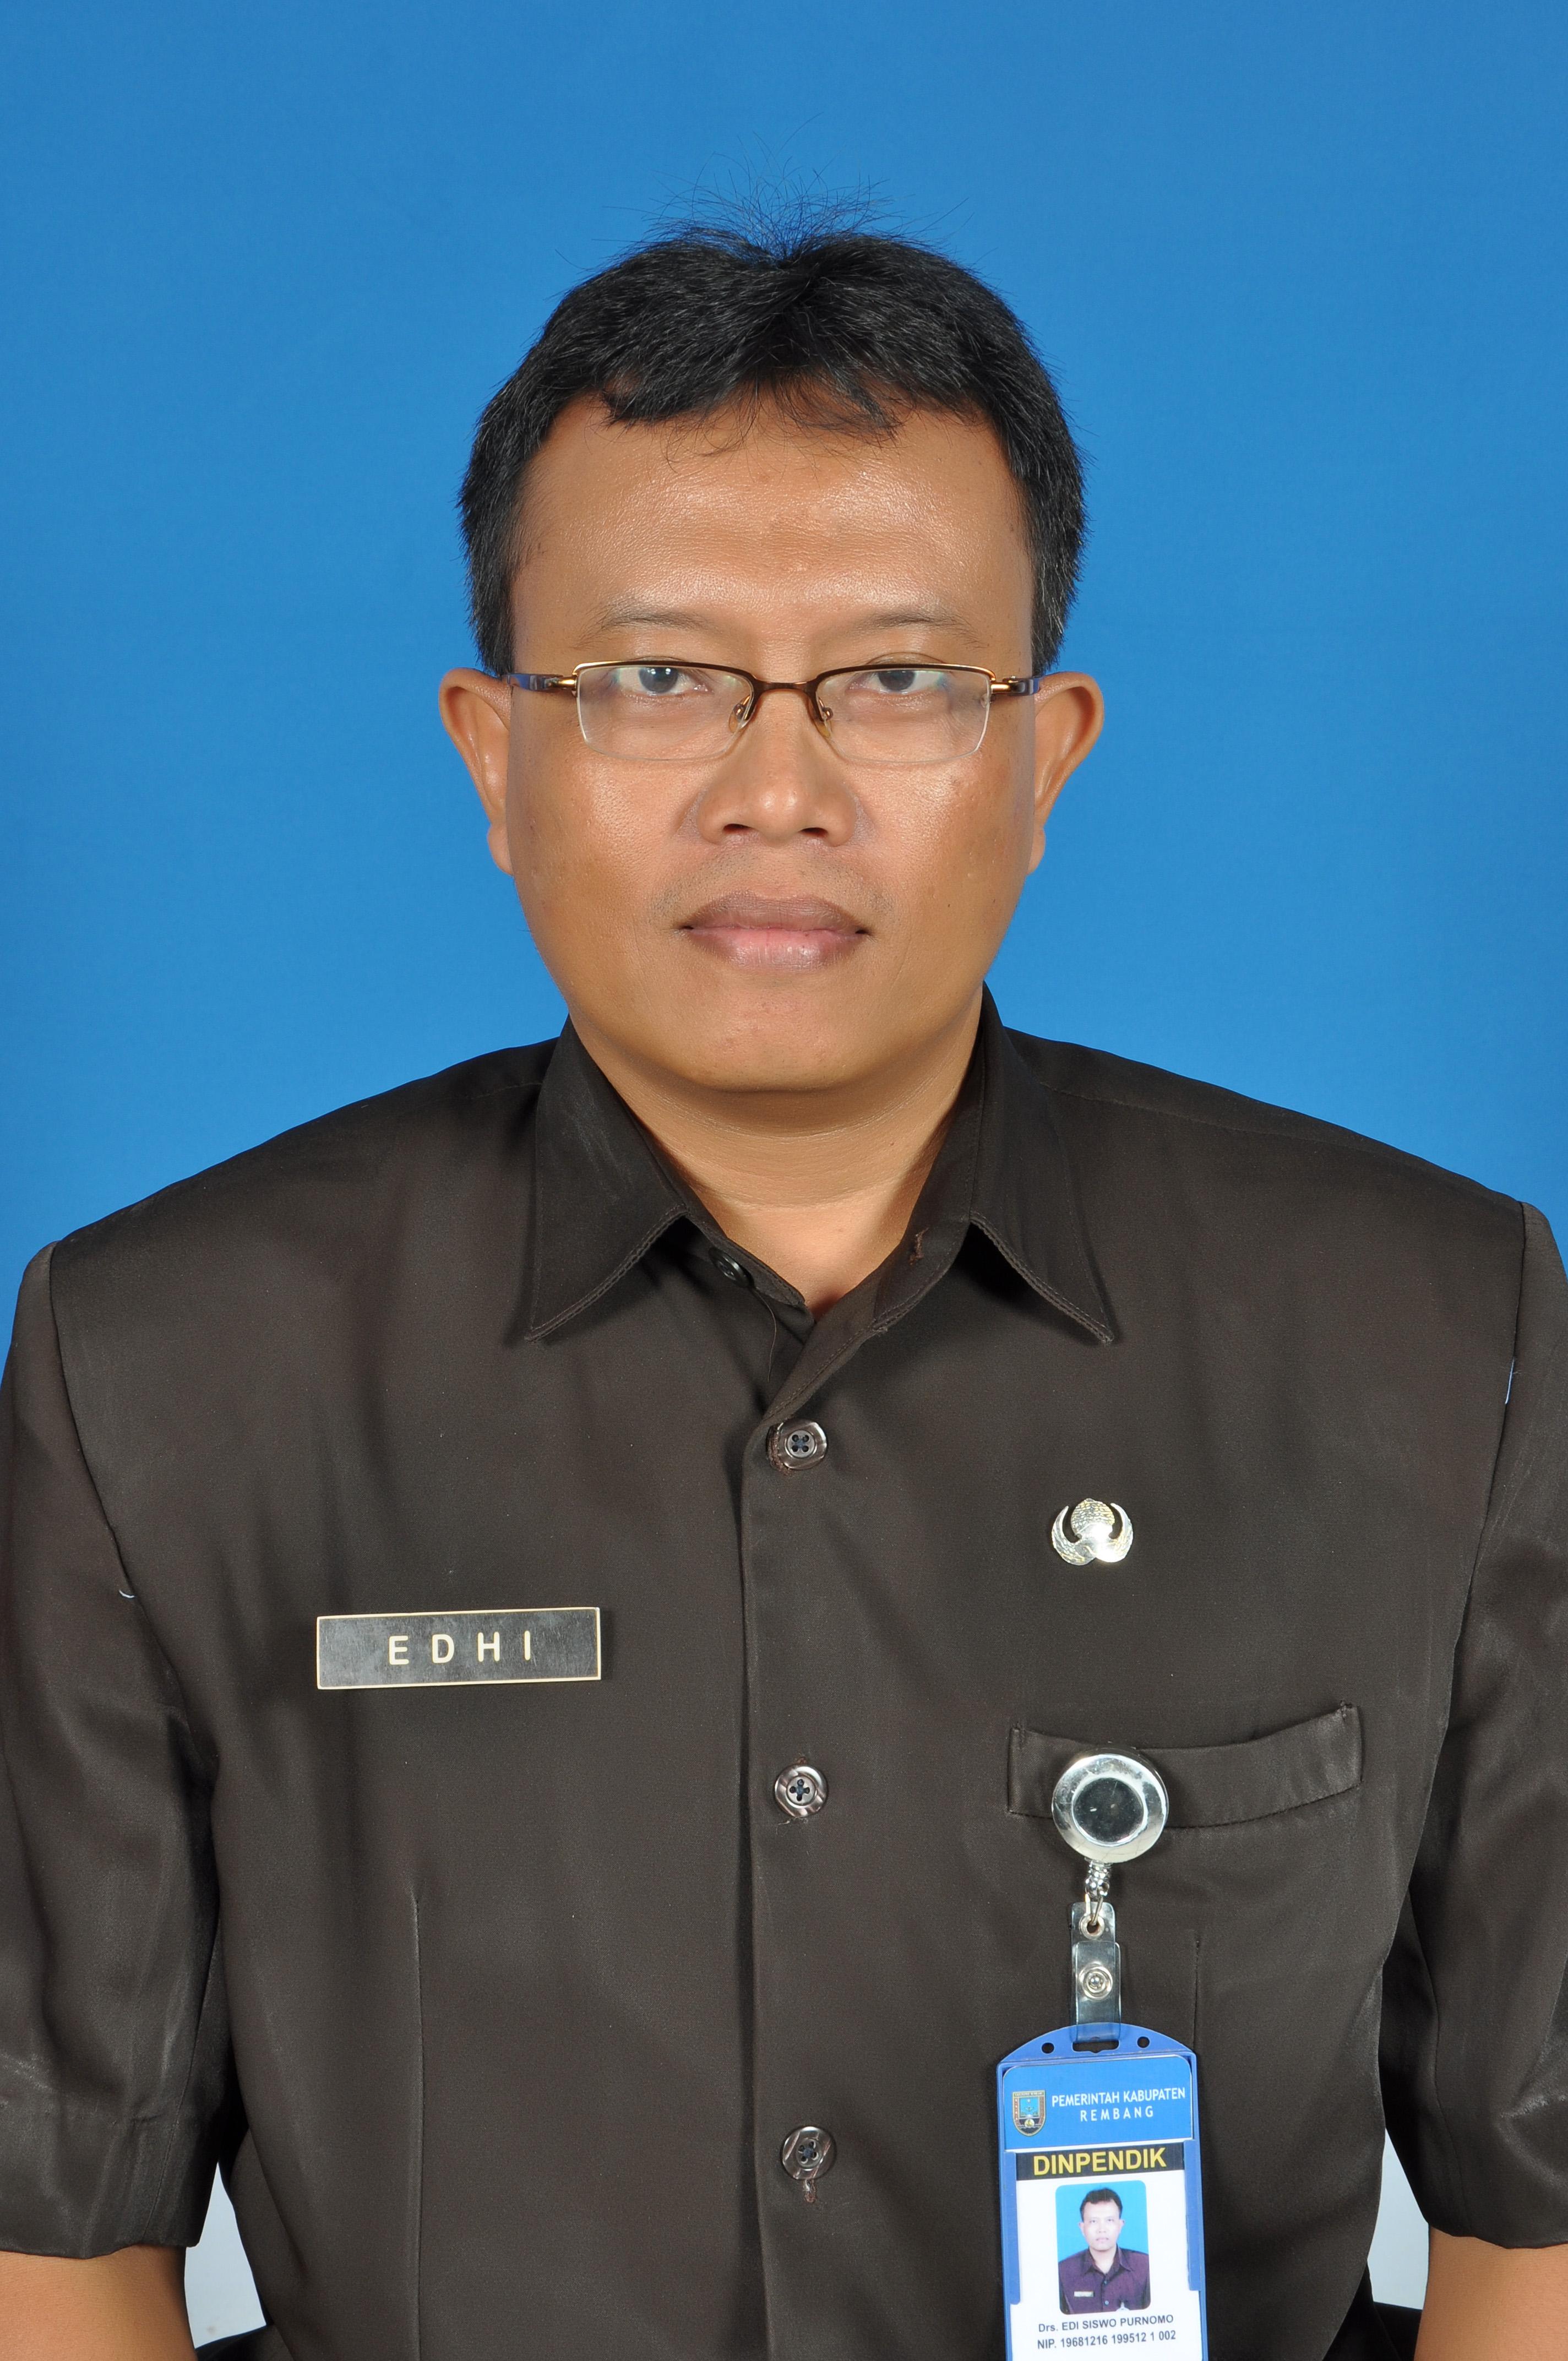 Drs. Edi Siswo P Ur.Kurikulum I Bid.Studi Bhs. Inggris